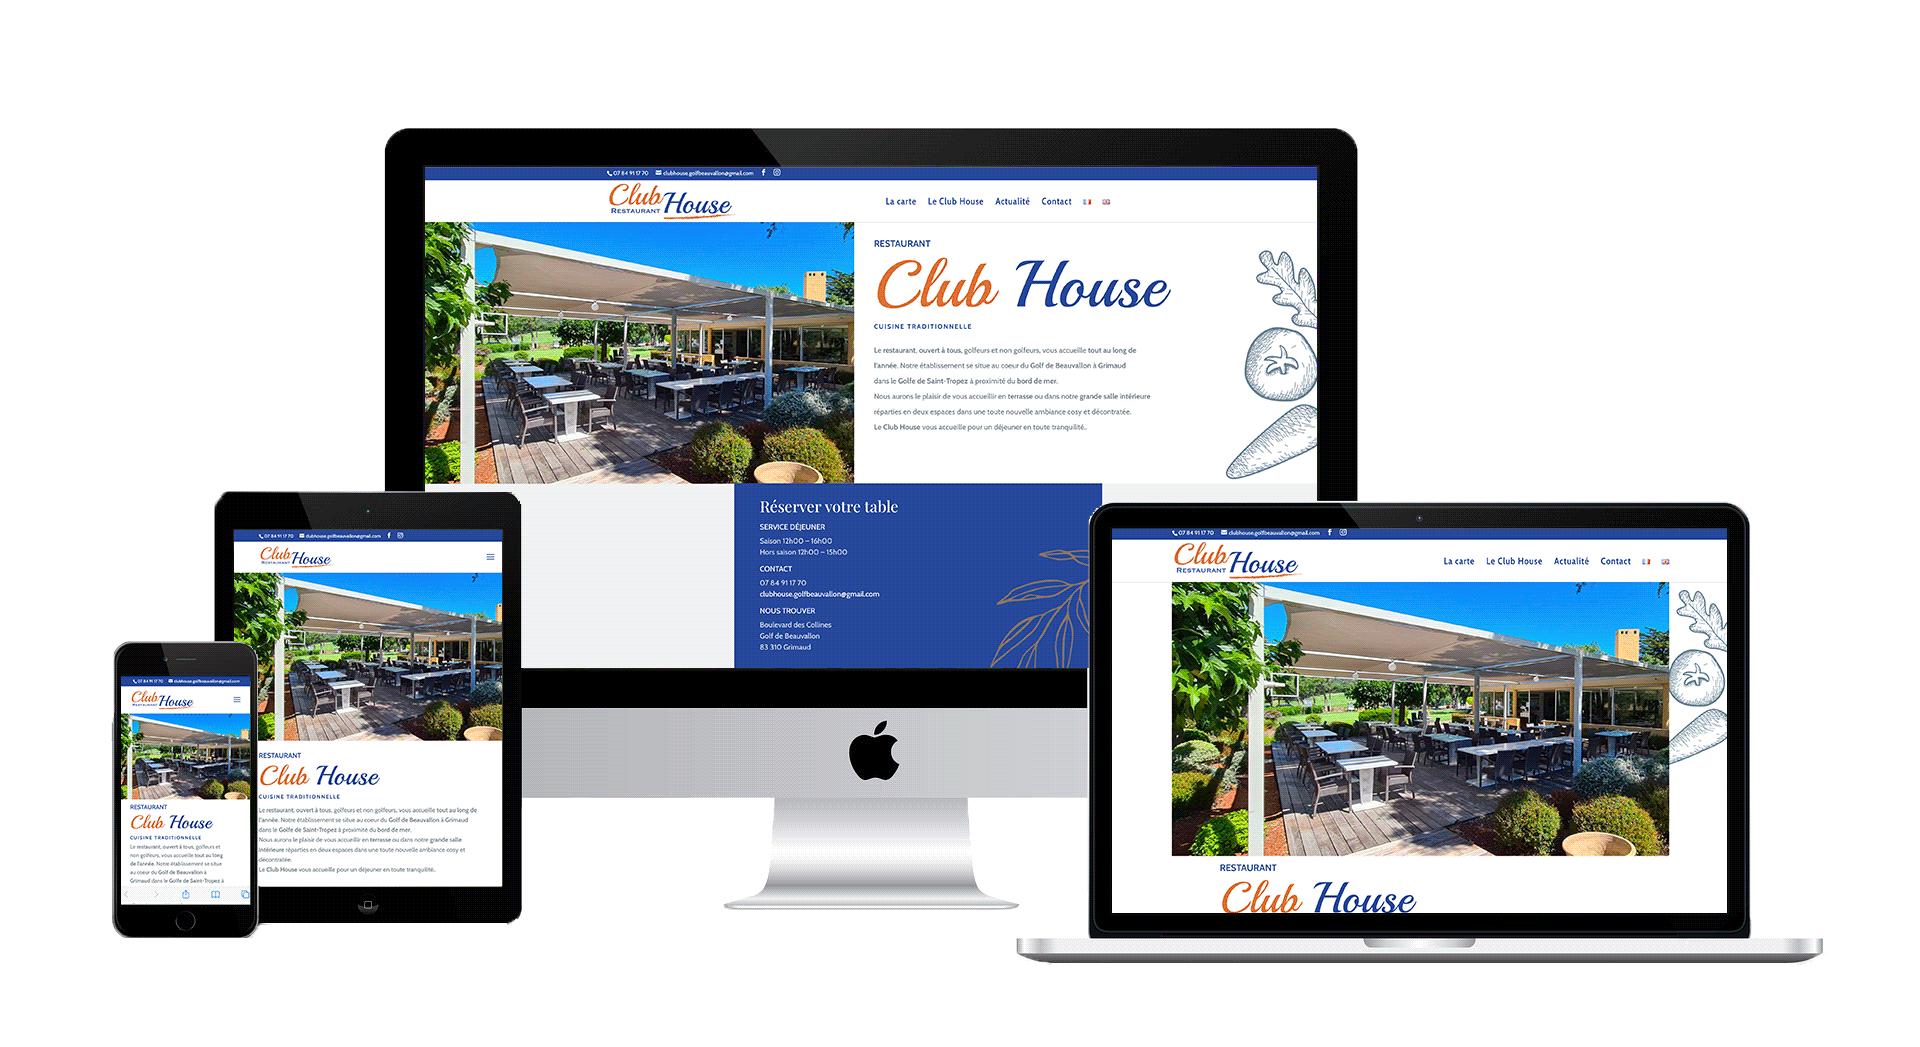 digykan - webdesign -création site web - Club House restaurant visuel écrans